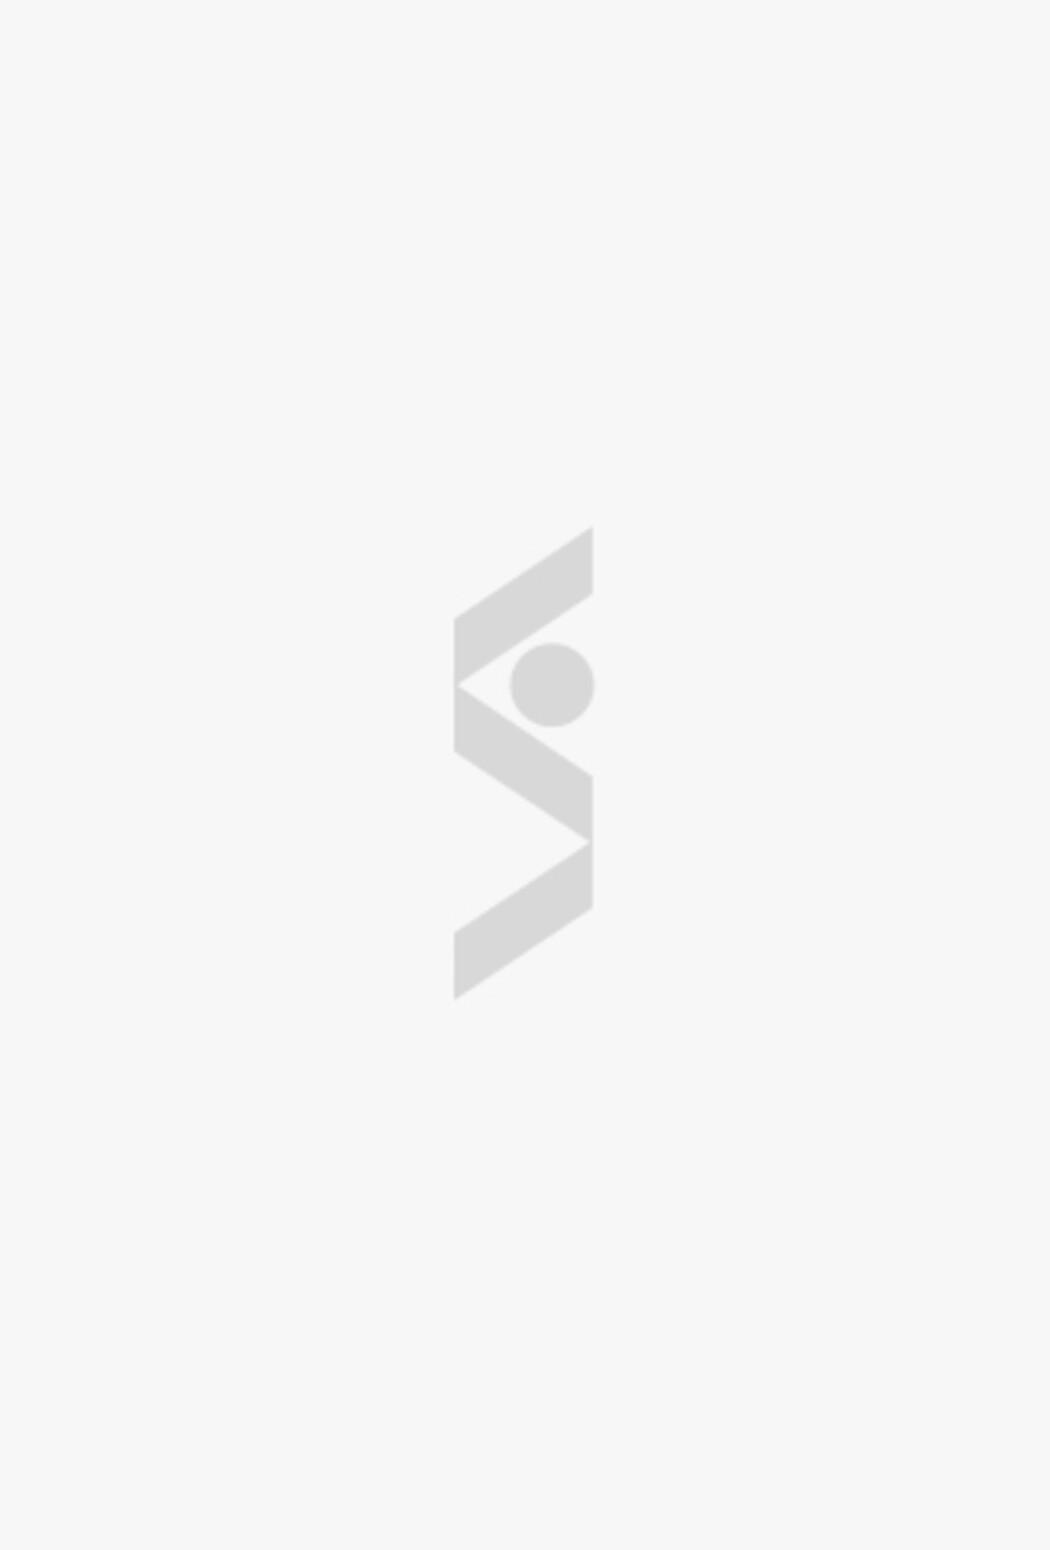 Сыворотка для лица и контуров глаз придающая сияние и увлажняющая 30мл PHYTORELAX - скоро в продаже в интернет-магазине СТОКМАНН в Москве